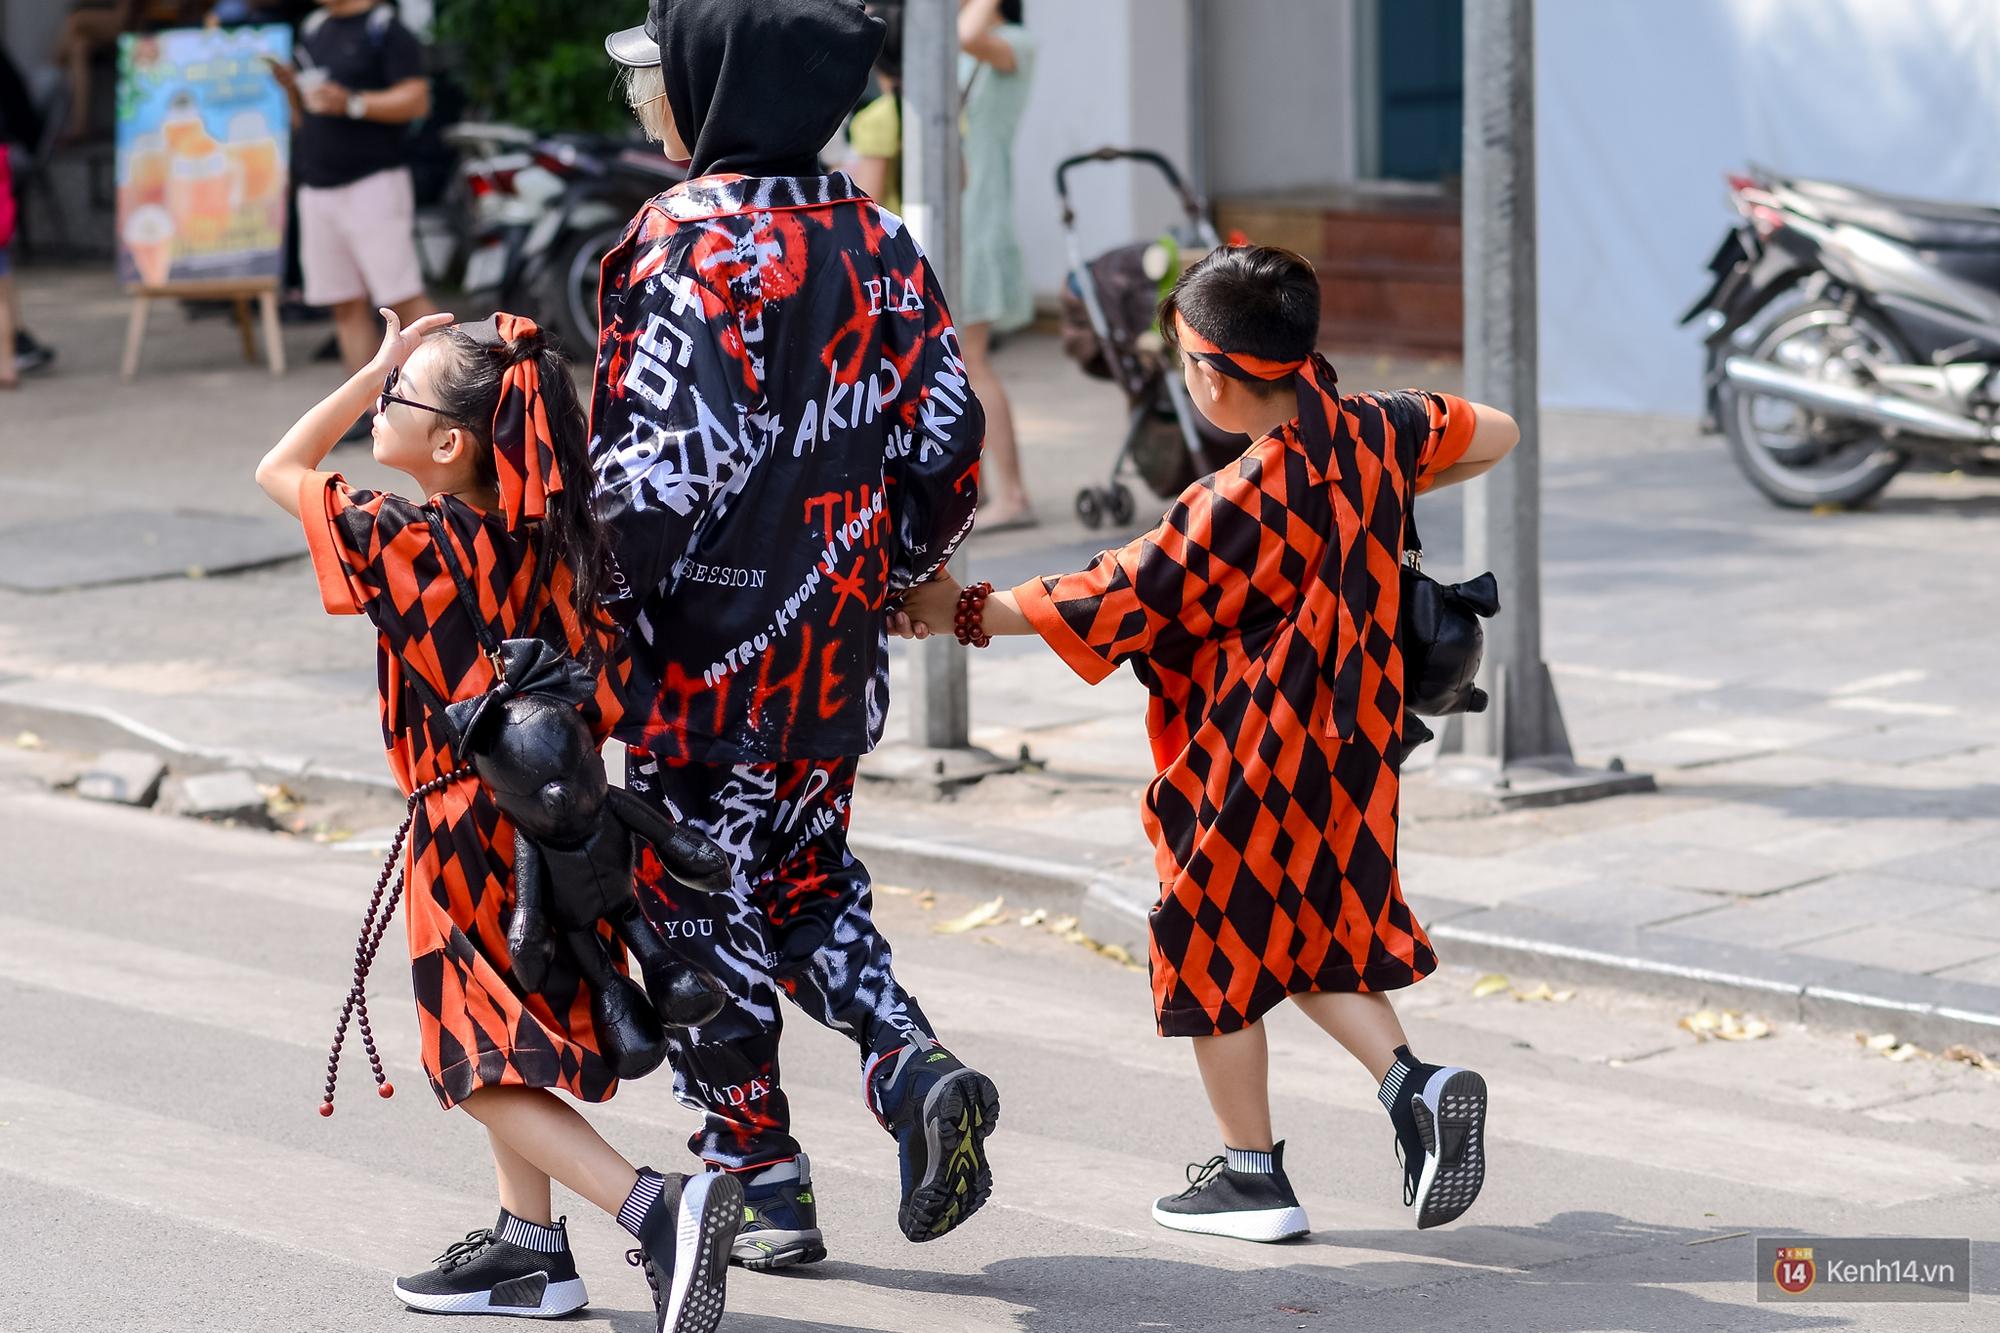 Street style ngày đầu VIFW: Giới trẻ Hà Nội ăn vận lồng lộn hơn hẳn năm trước, các nhóc tì mặc chất gây bão phố đi bộ - Ảnh 21.